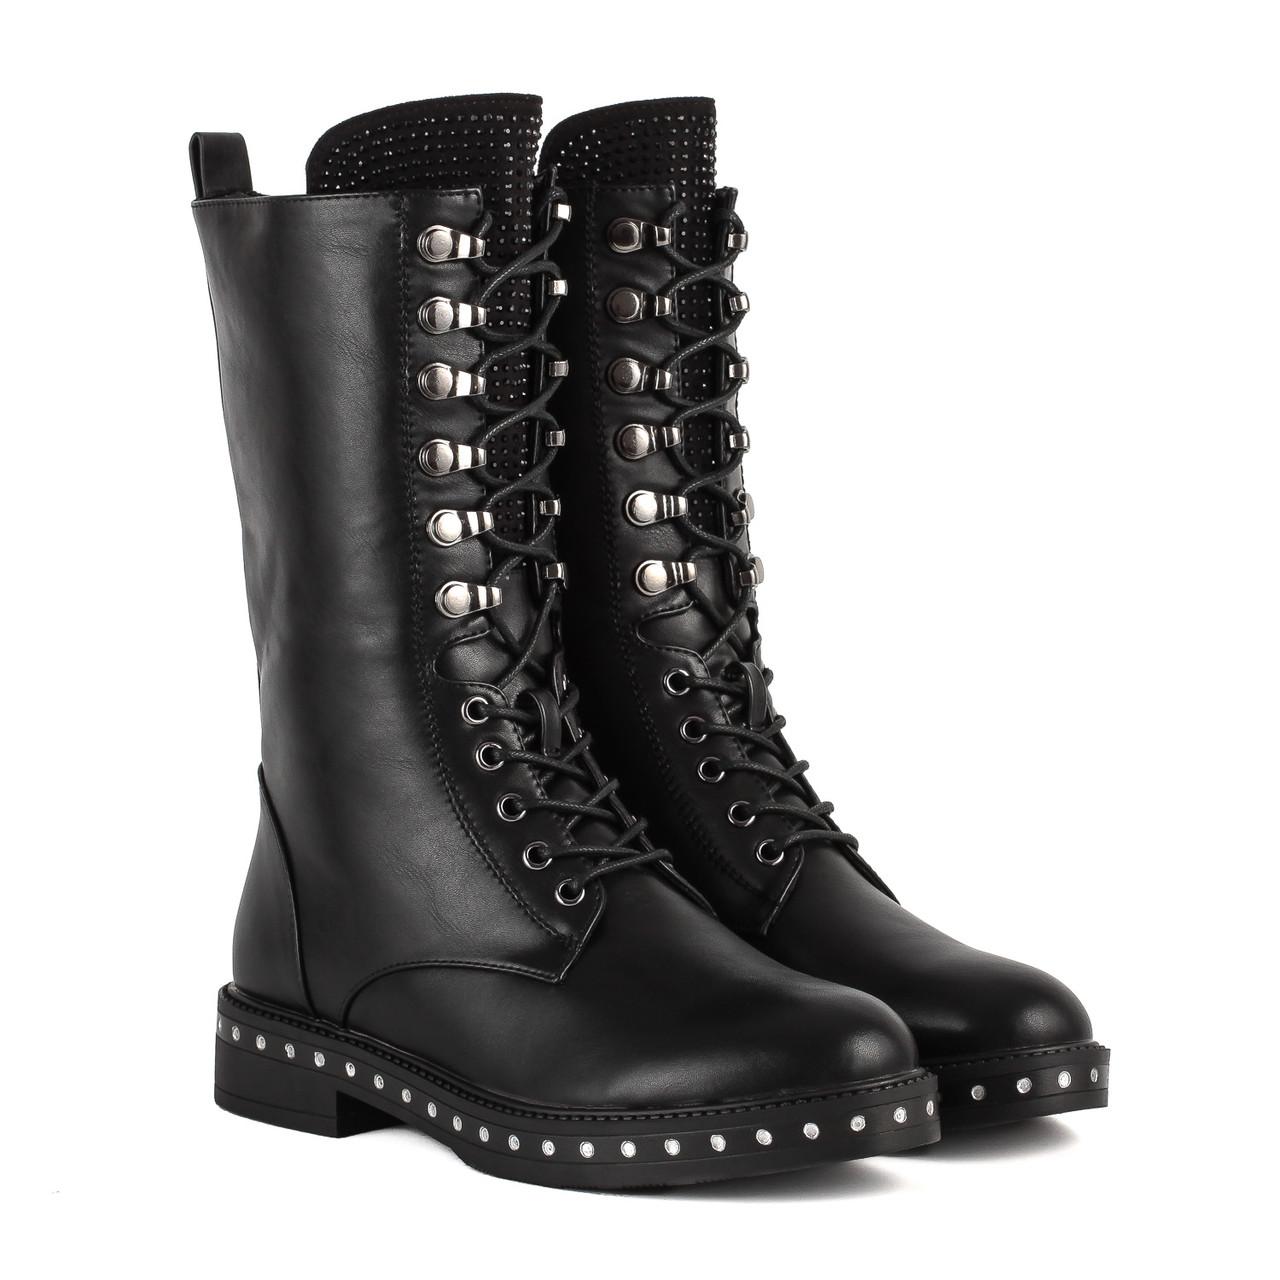 35b29c78 Купить Ботинки женские Vensi(высокие, стильные, со шнуровкой ...